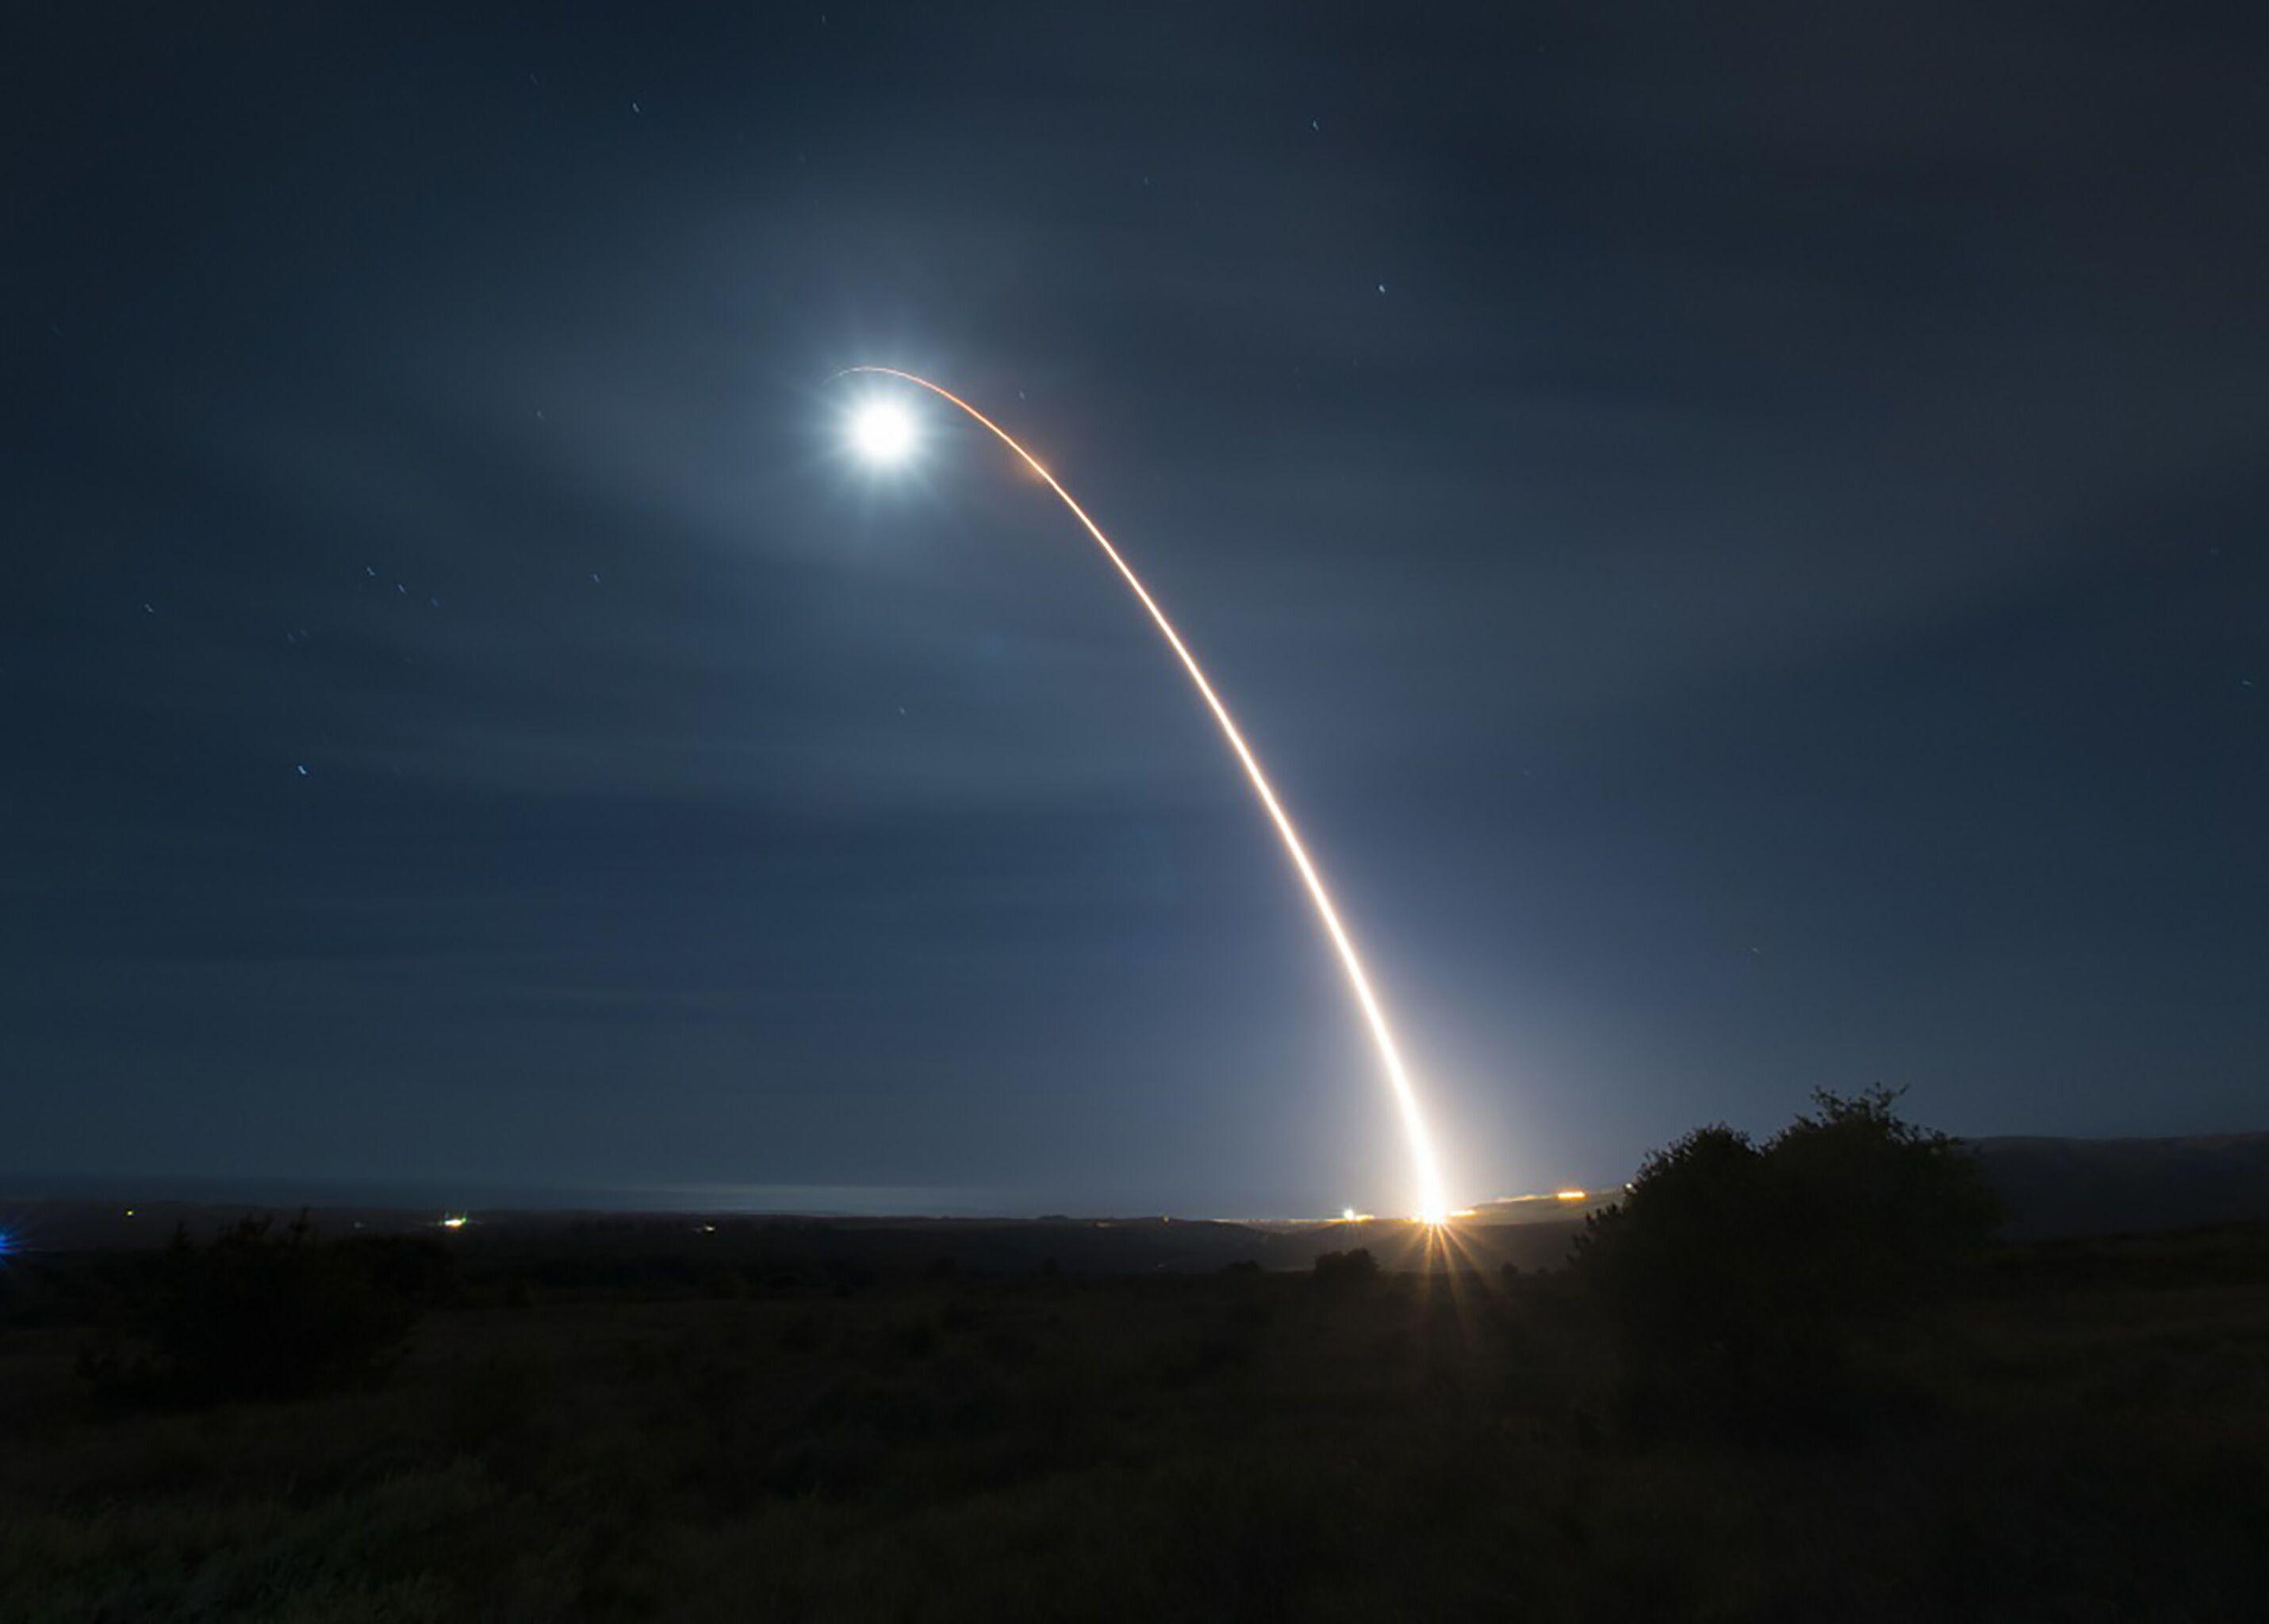 Lançamento de um míssil balístico intercontinental Minuteman III desarmado durante um teste de desenvolvimento na Base da Força Aérea de Vandenberg, Califórnia, 5 de fevereiro de 2020